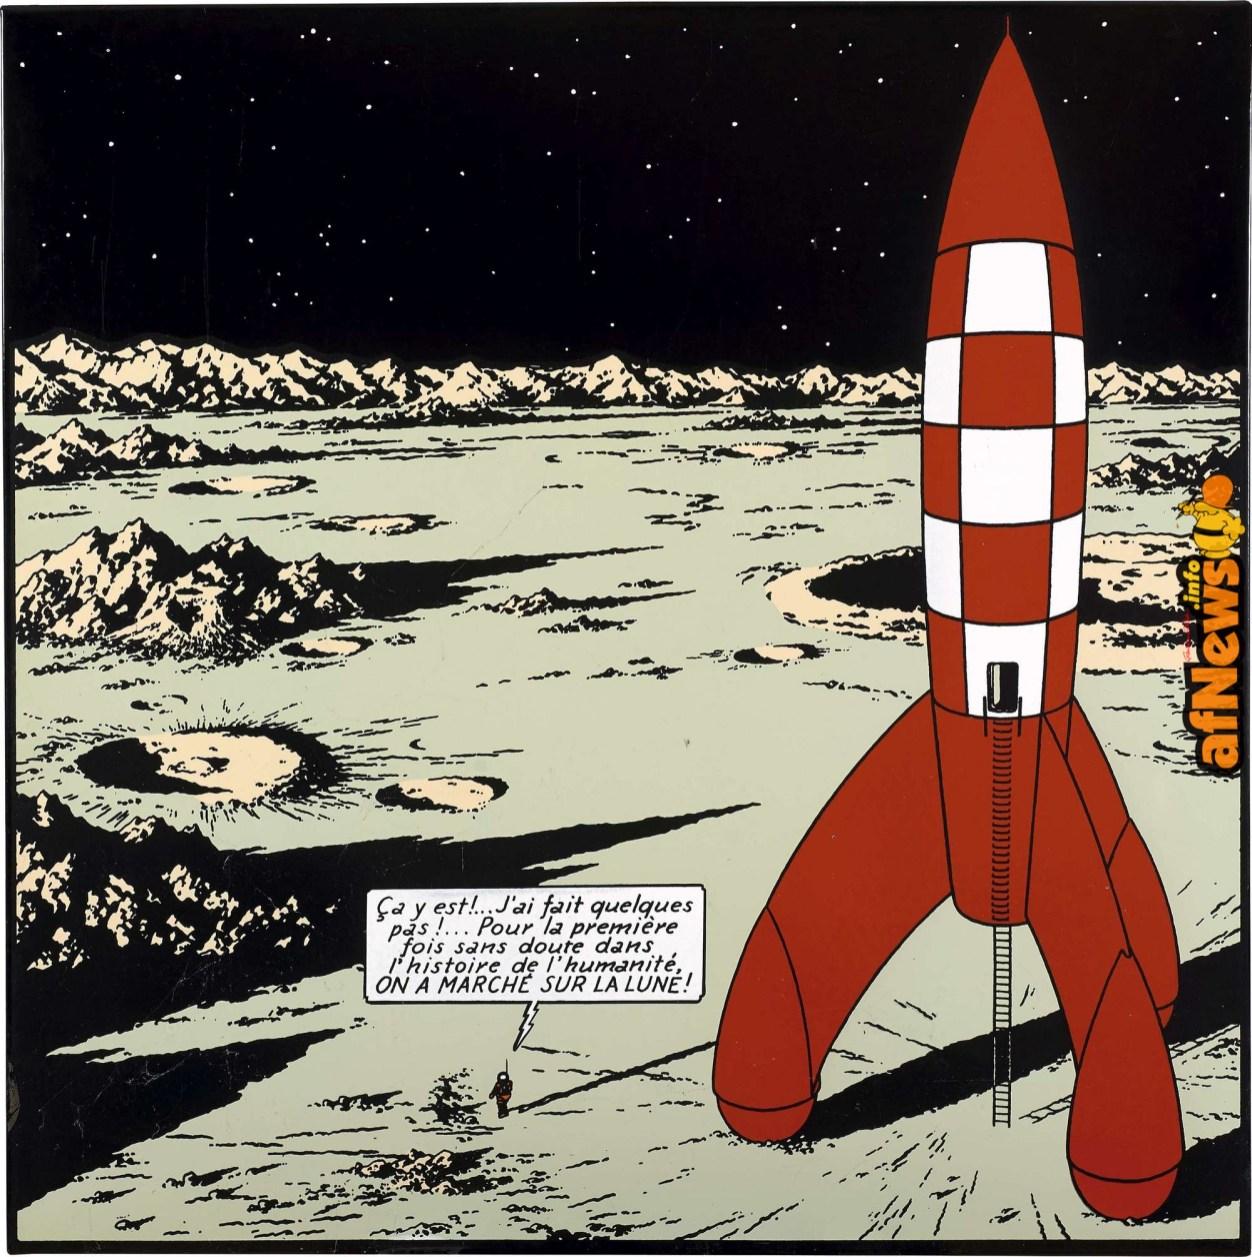 Tintin LUna 4-afnews